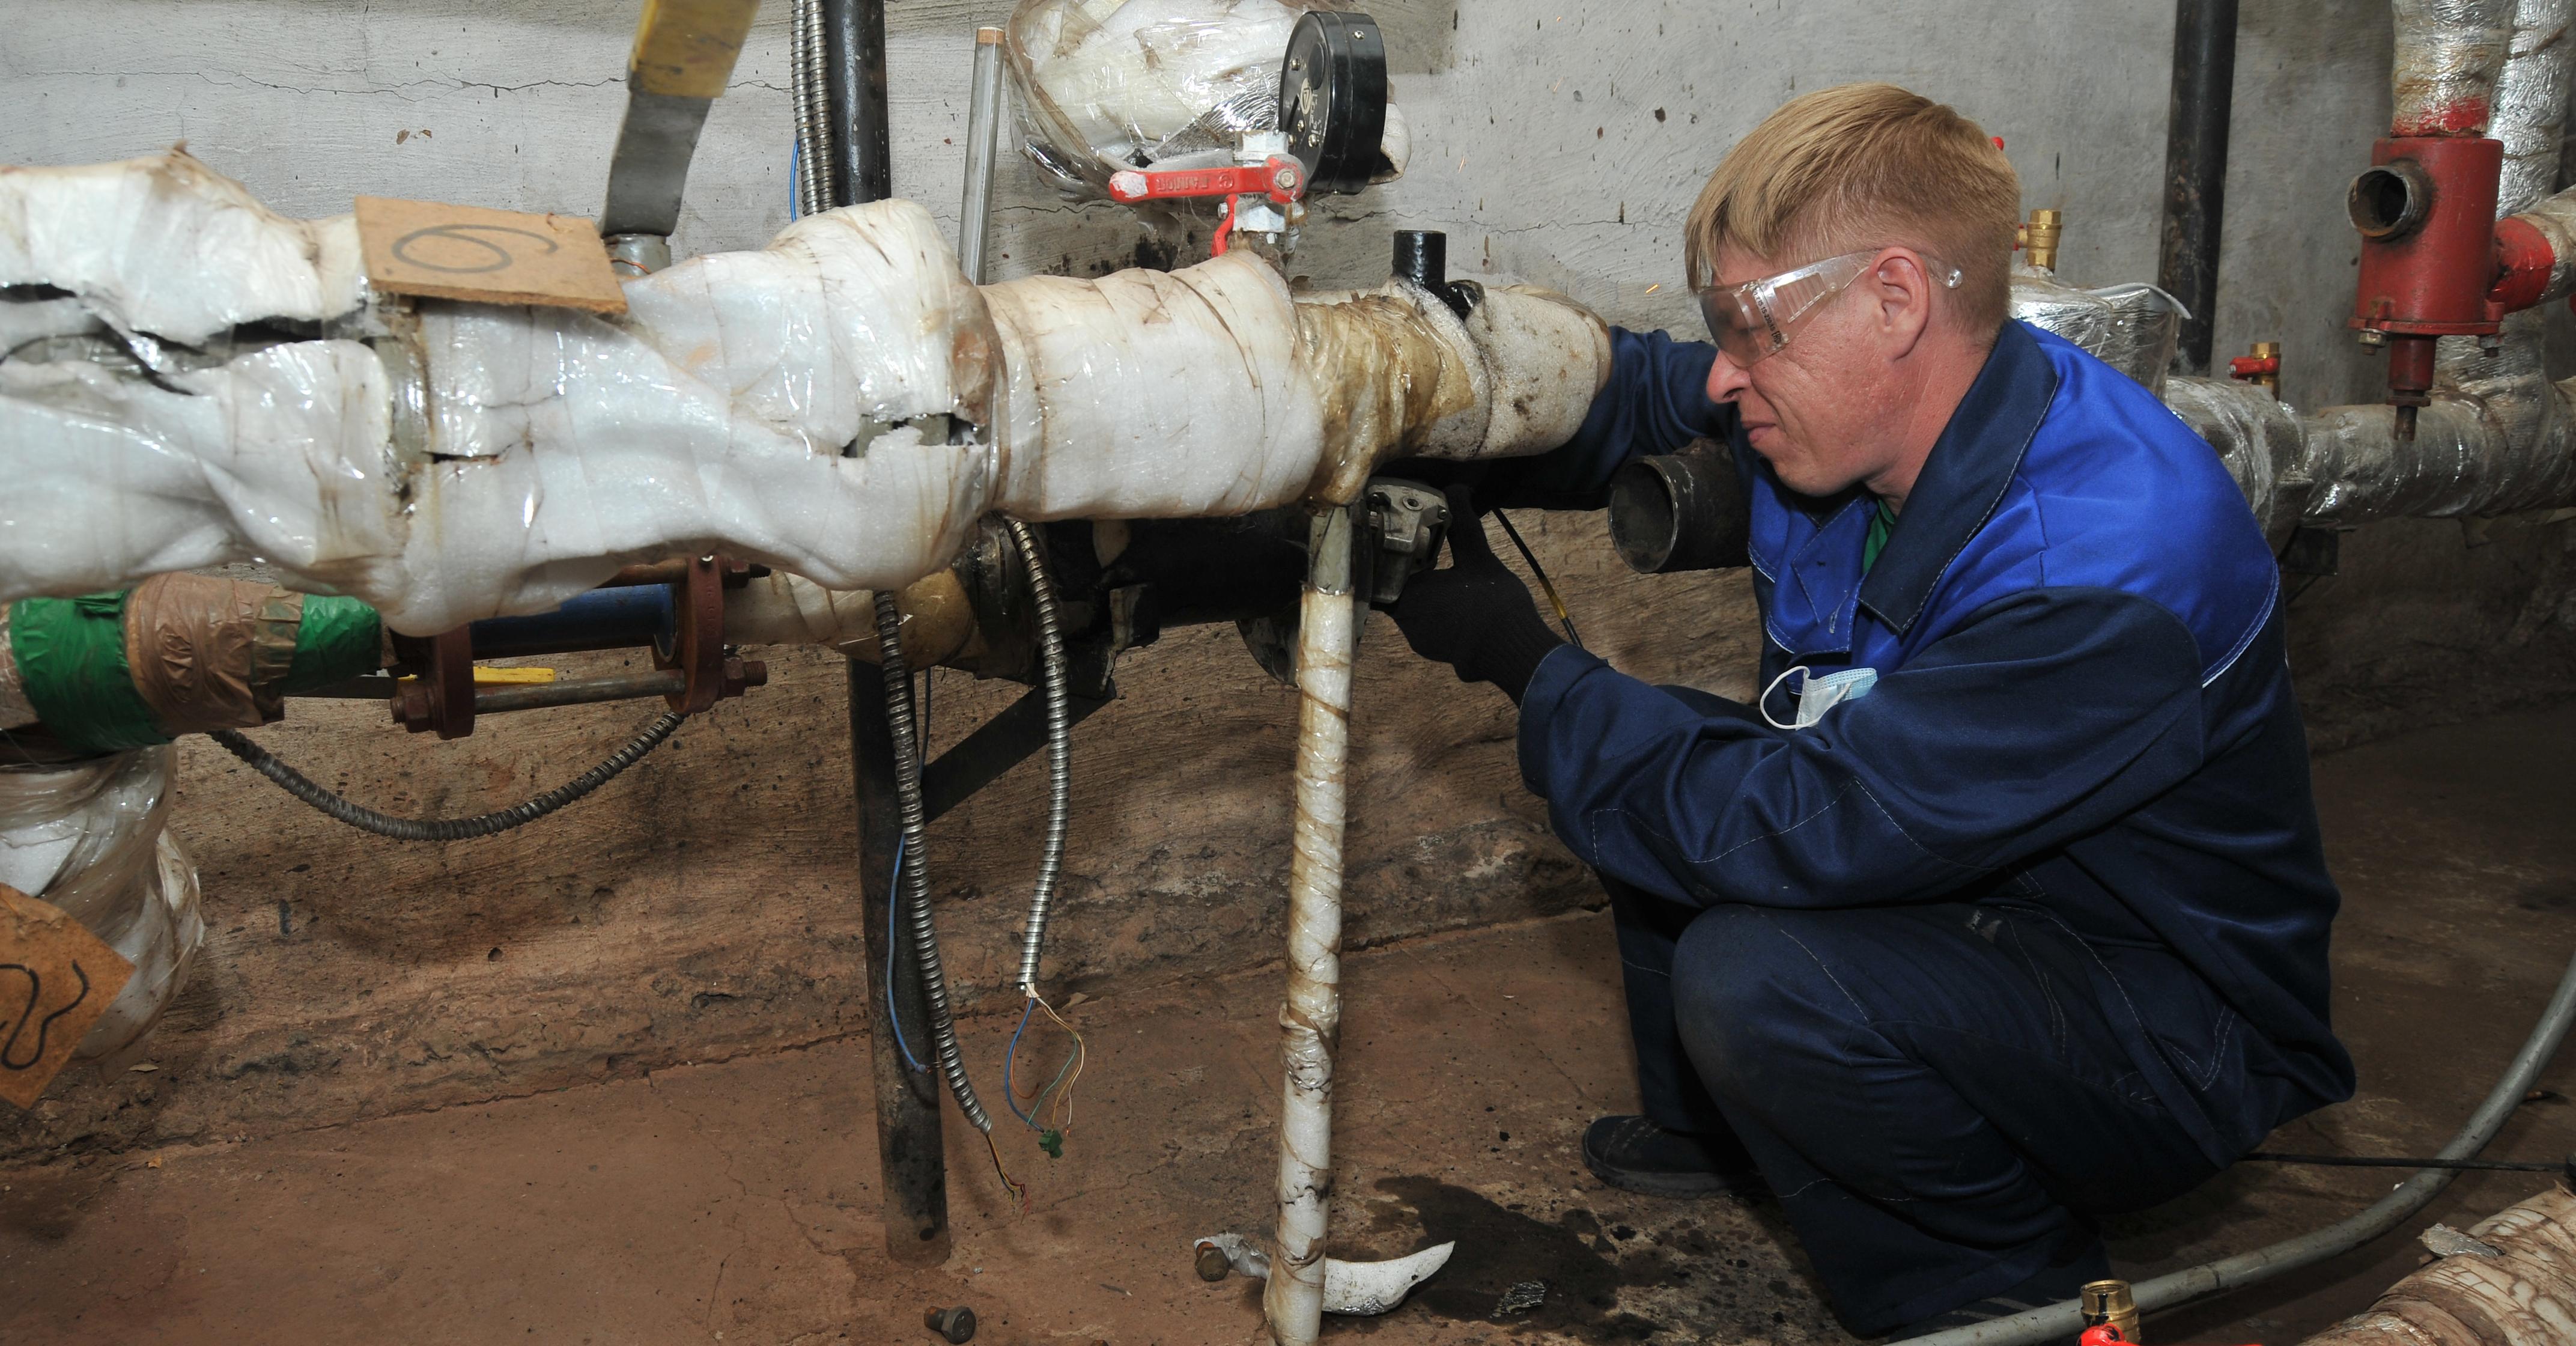 Замена и ремонт сантехнического оборудования